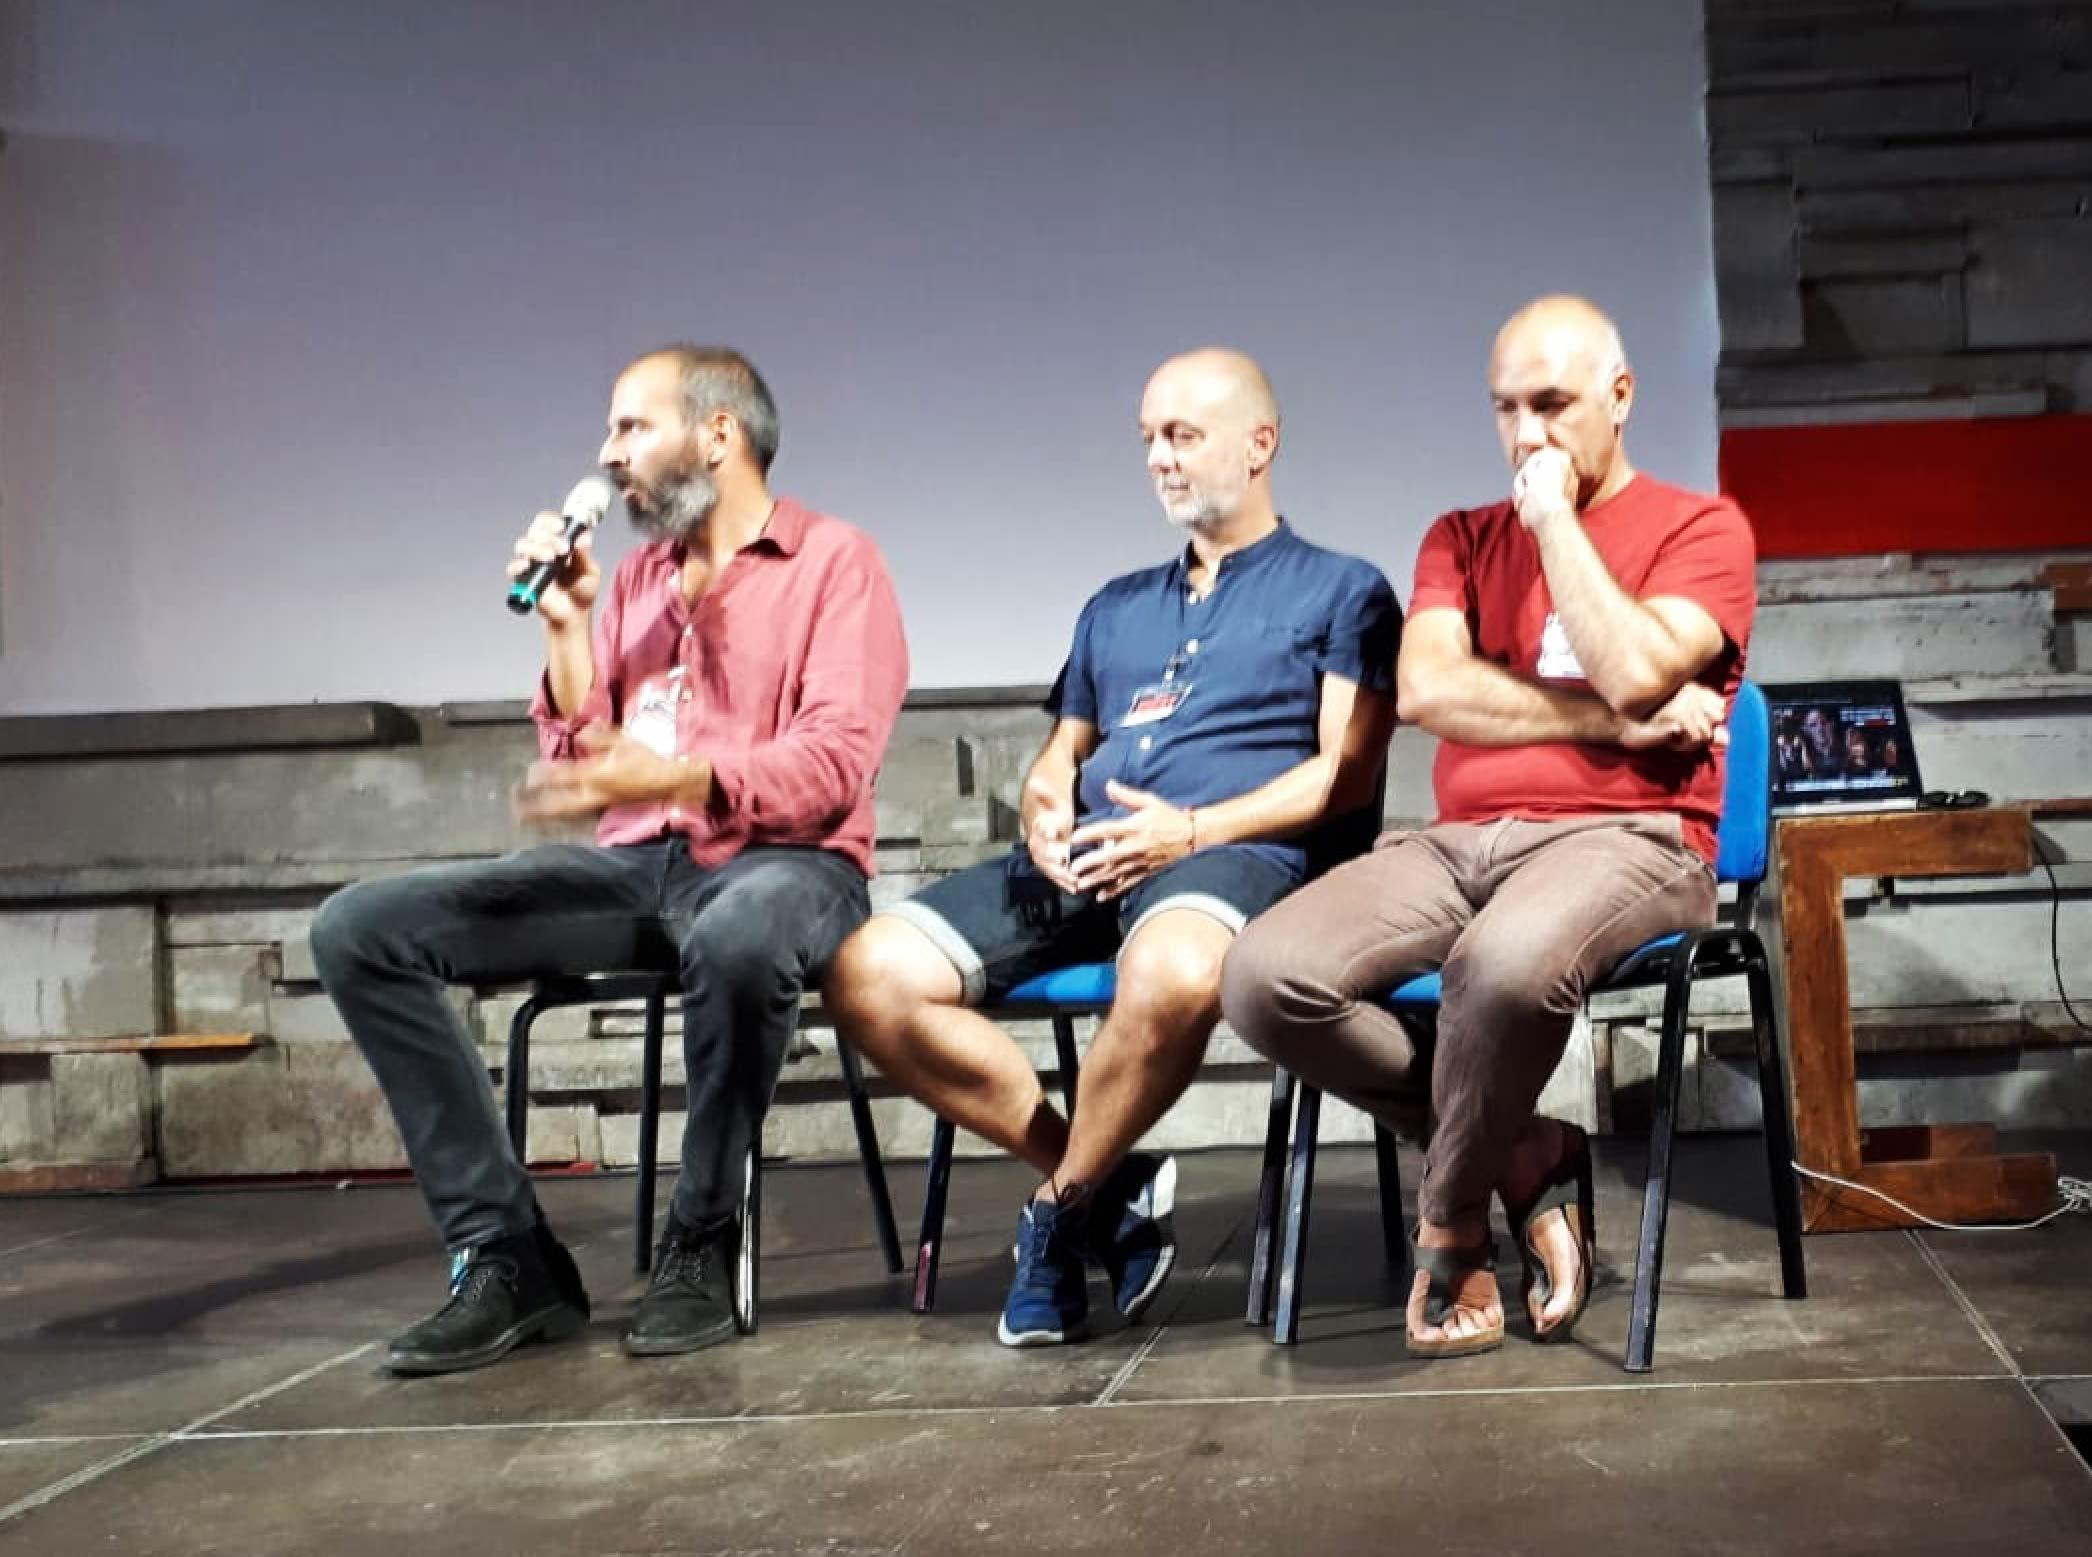 Conferenza sul trucco cinematografico - EffectUs 2018